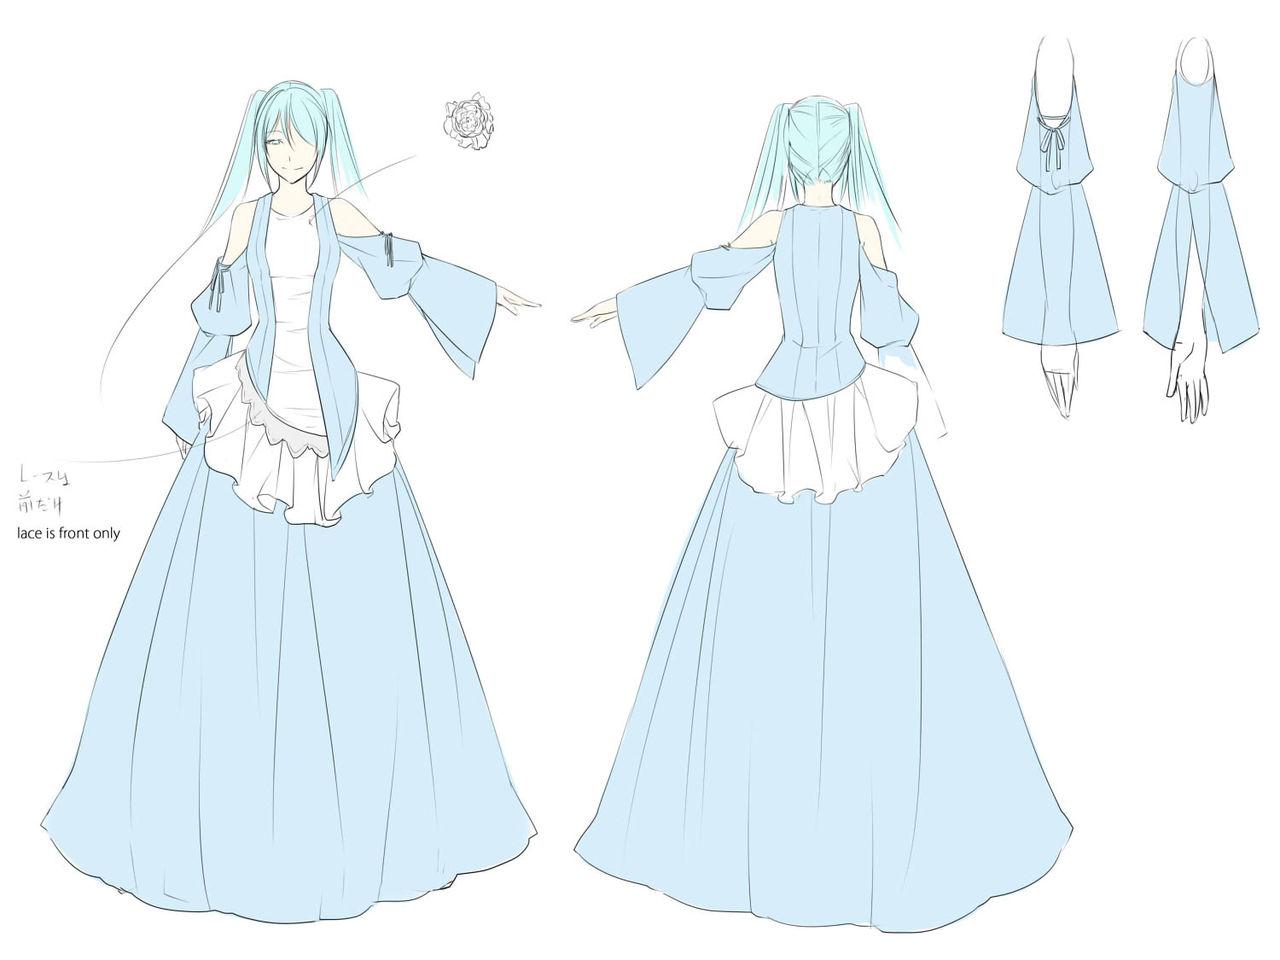 VOCALOID 初音ミク・「眠らせ姫からの贈り物」のドレスについて